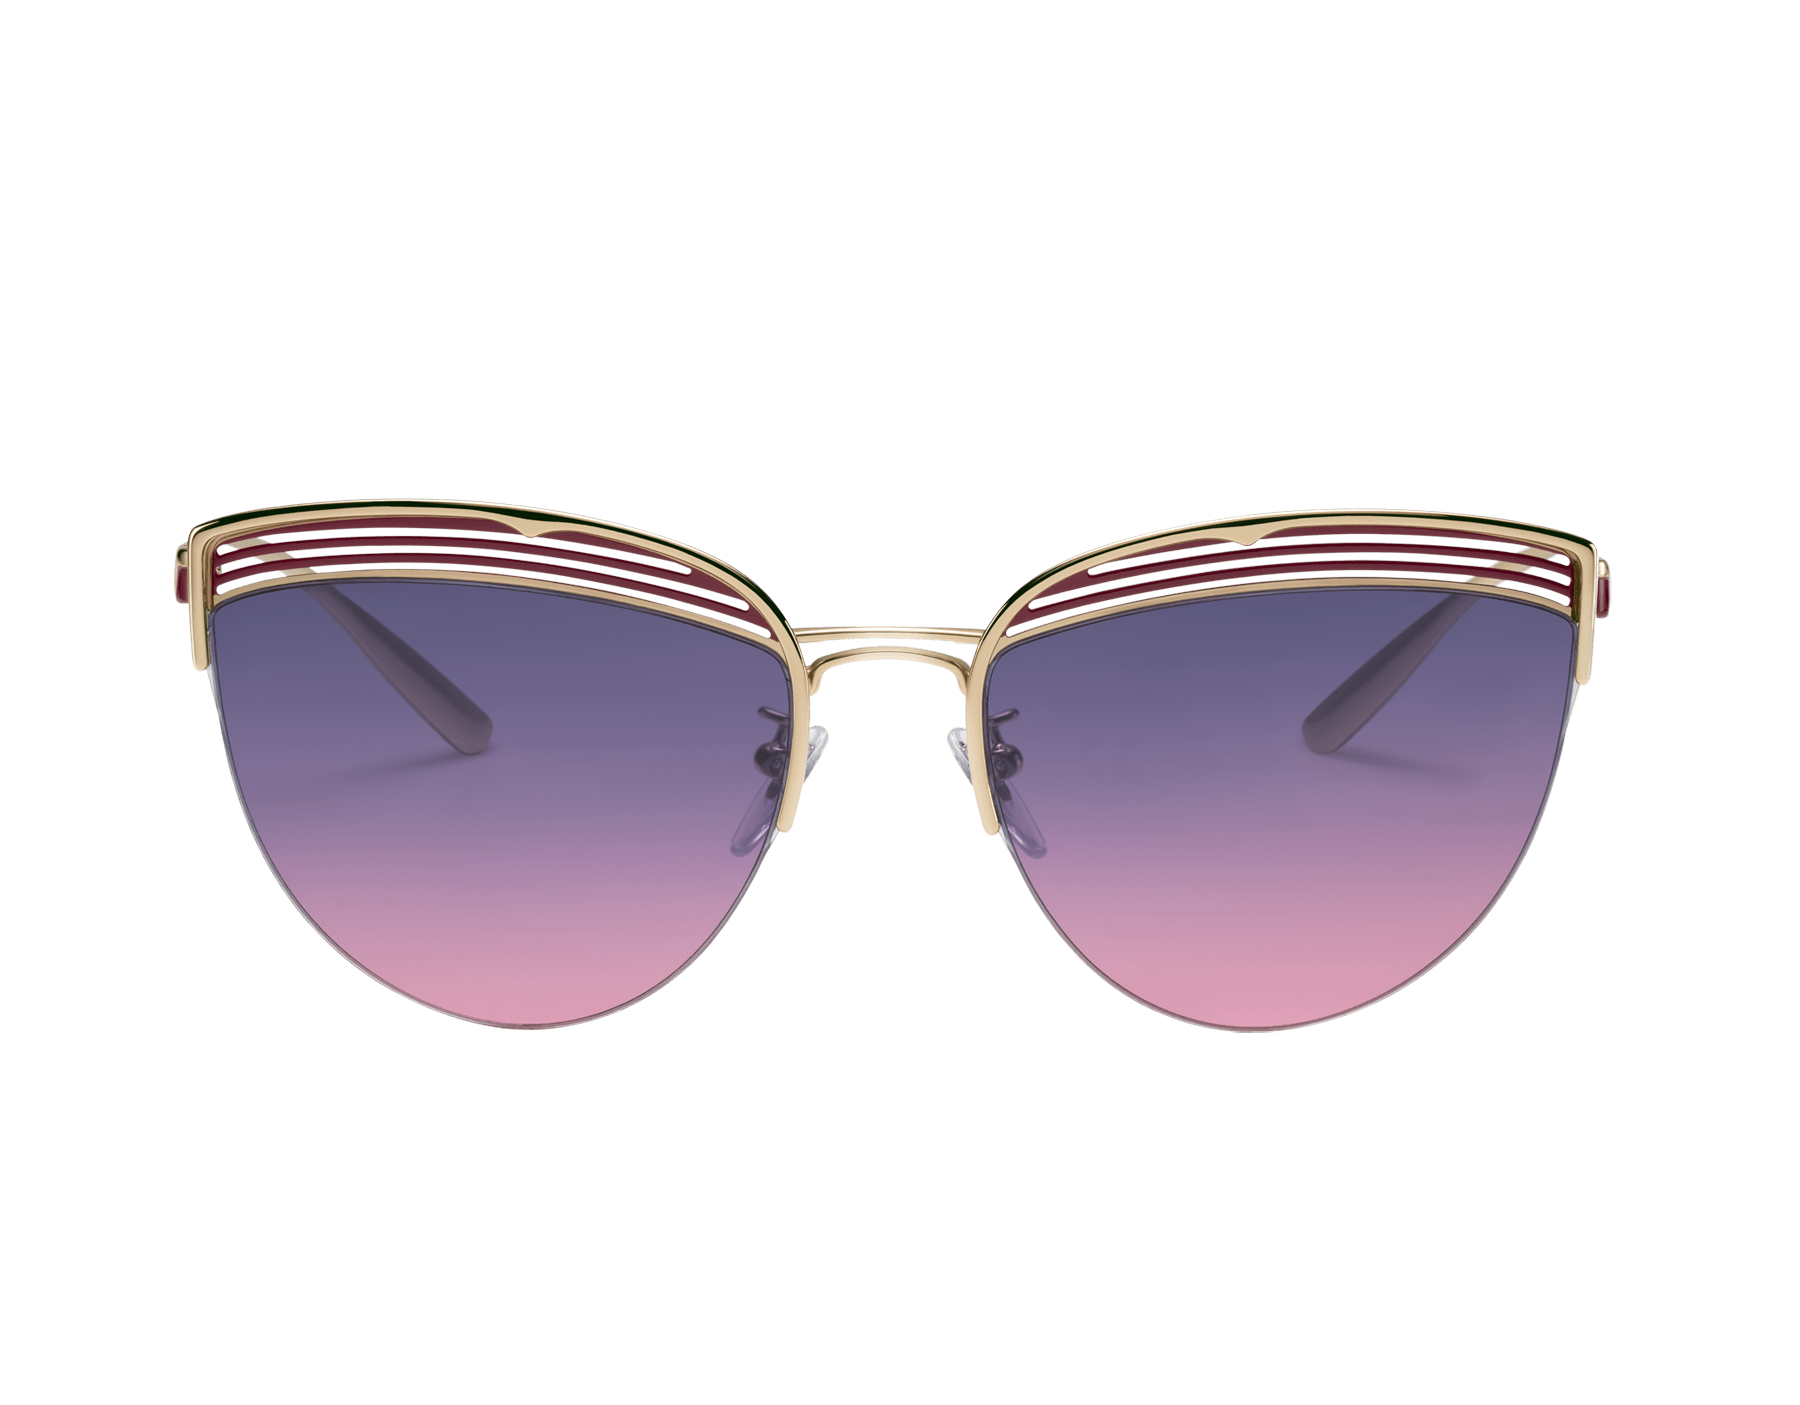 Bvlgari B.zero1 B.purevibes semi-rimless cat-eye metal sunglasses. 903716 image 2